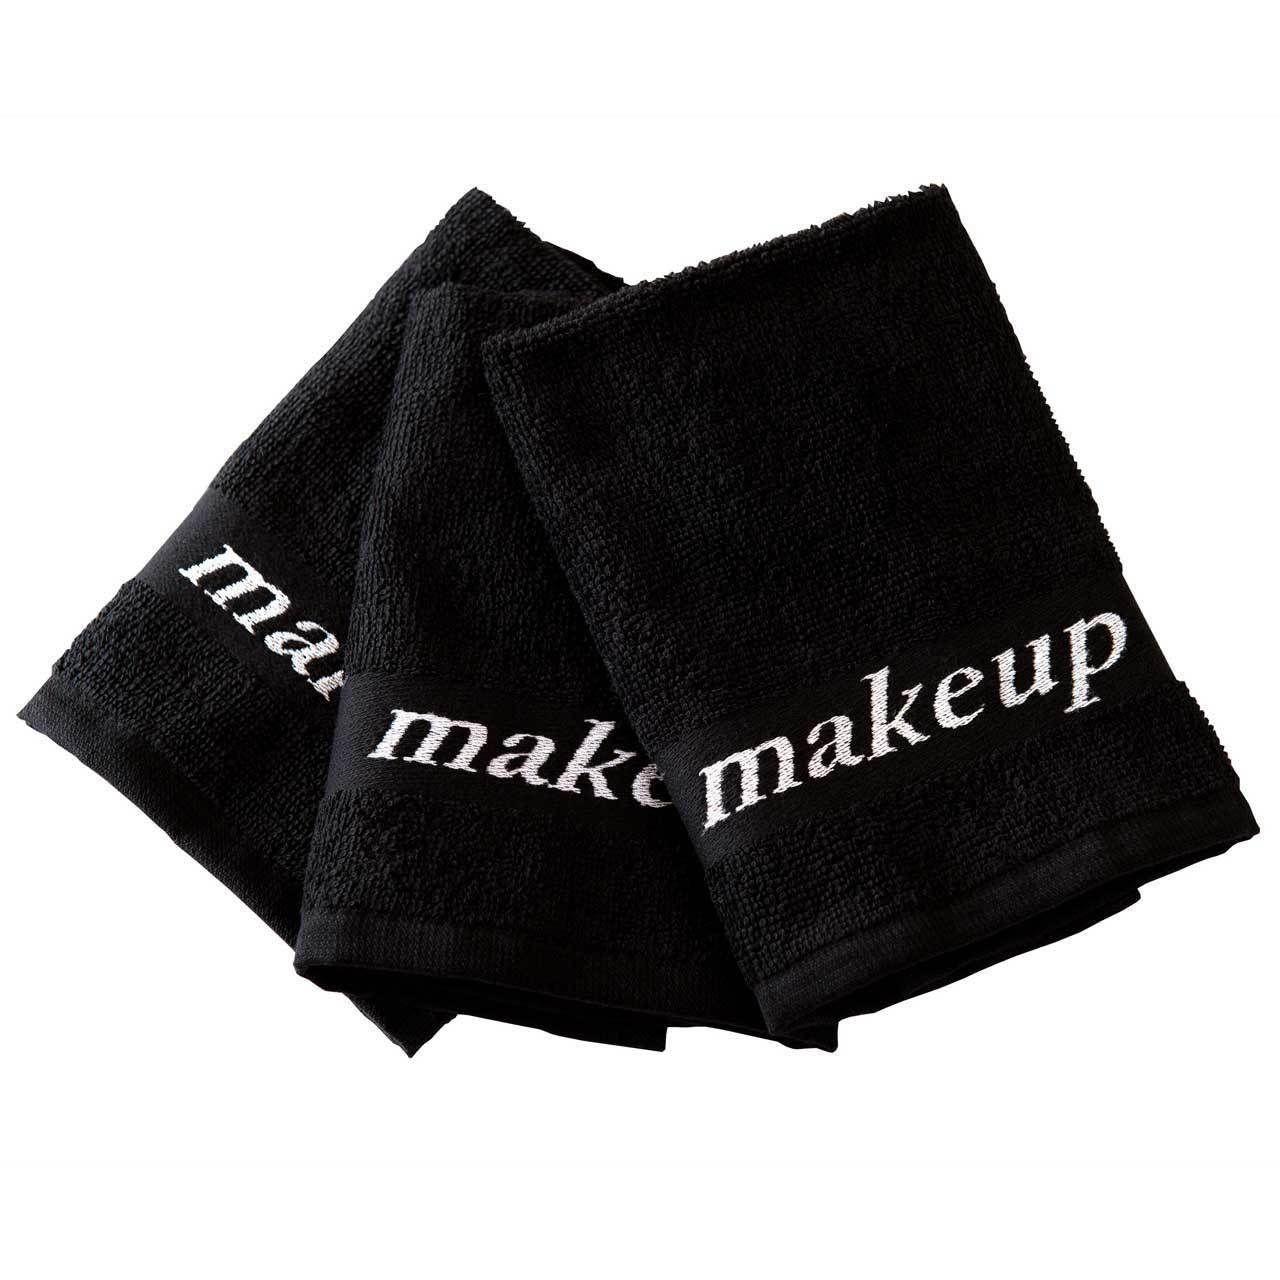 Black Makeup Washcloths. These Turkish Cotton black makeup